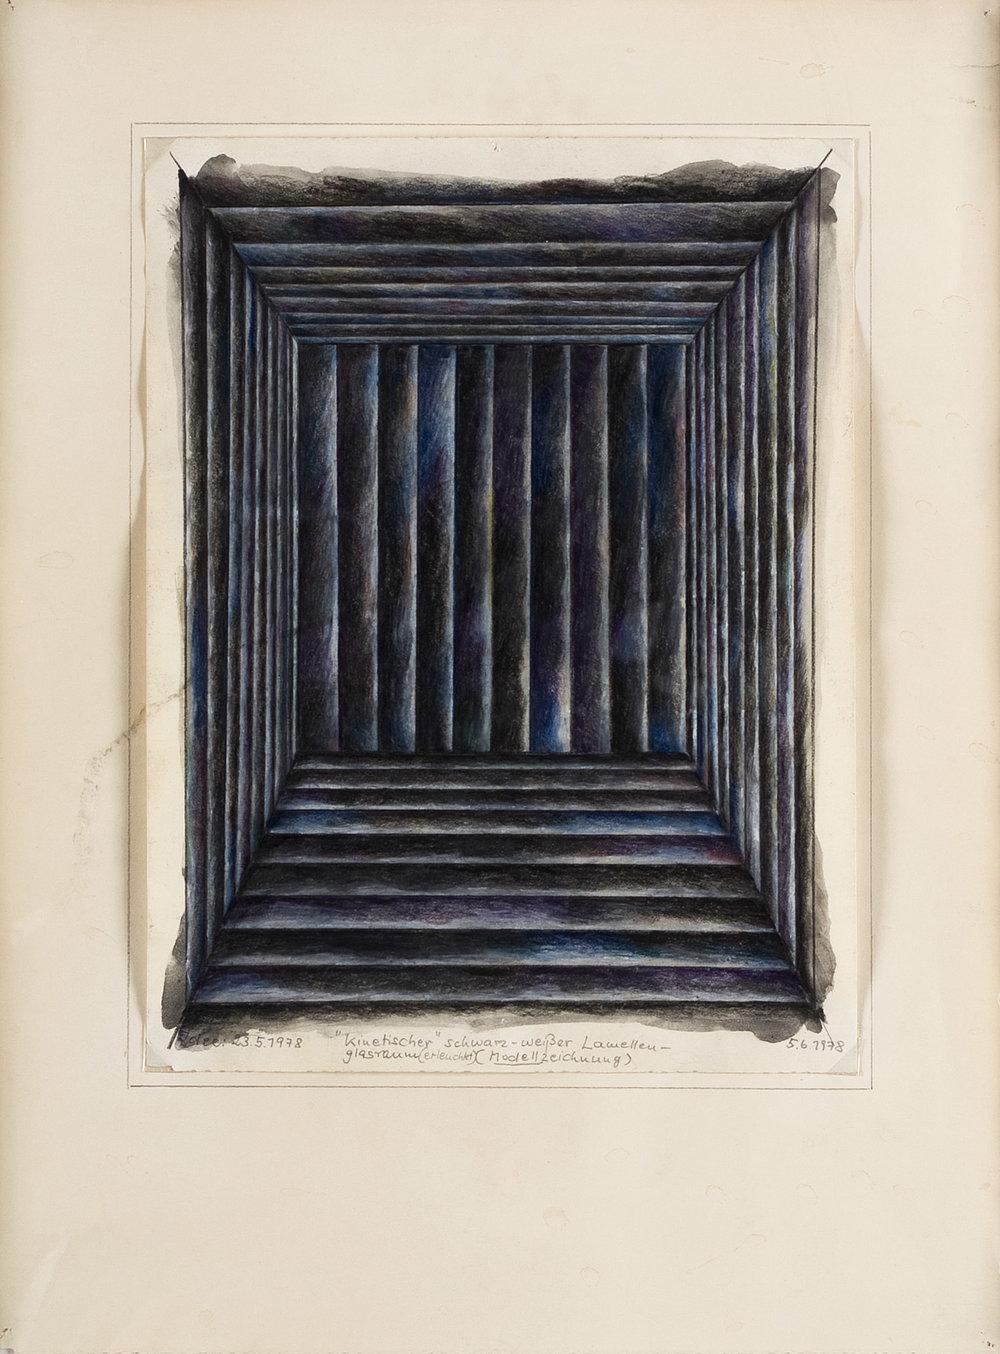 Kinetischer schwarz-weißer Lamellen-Glasraum, Modellzeichnung | 1978 | Wasserfarbe und Bleibstift auf Papier | 40 x 29,5 cm